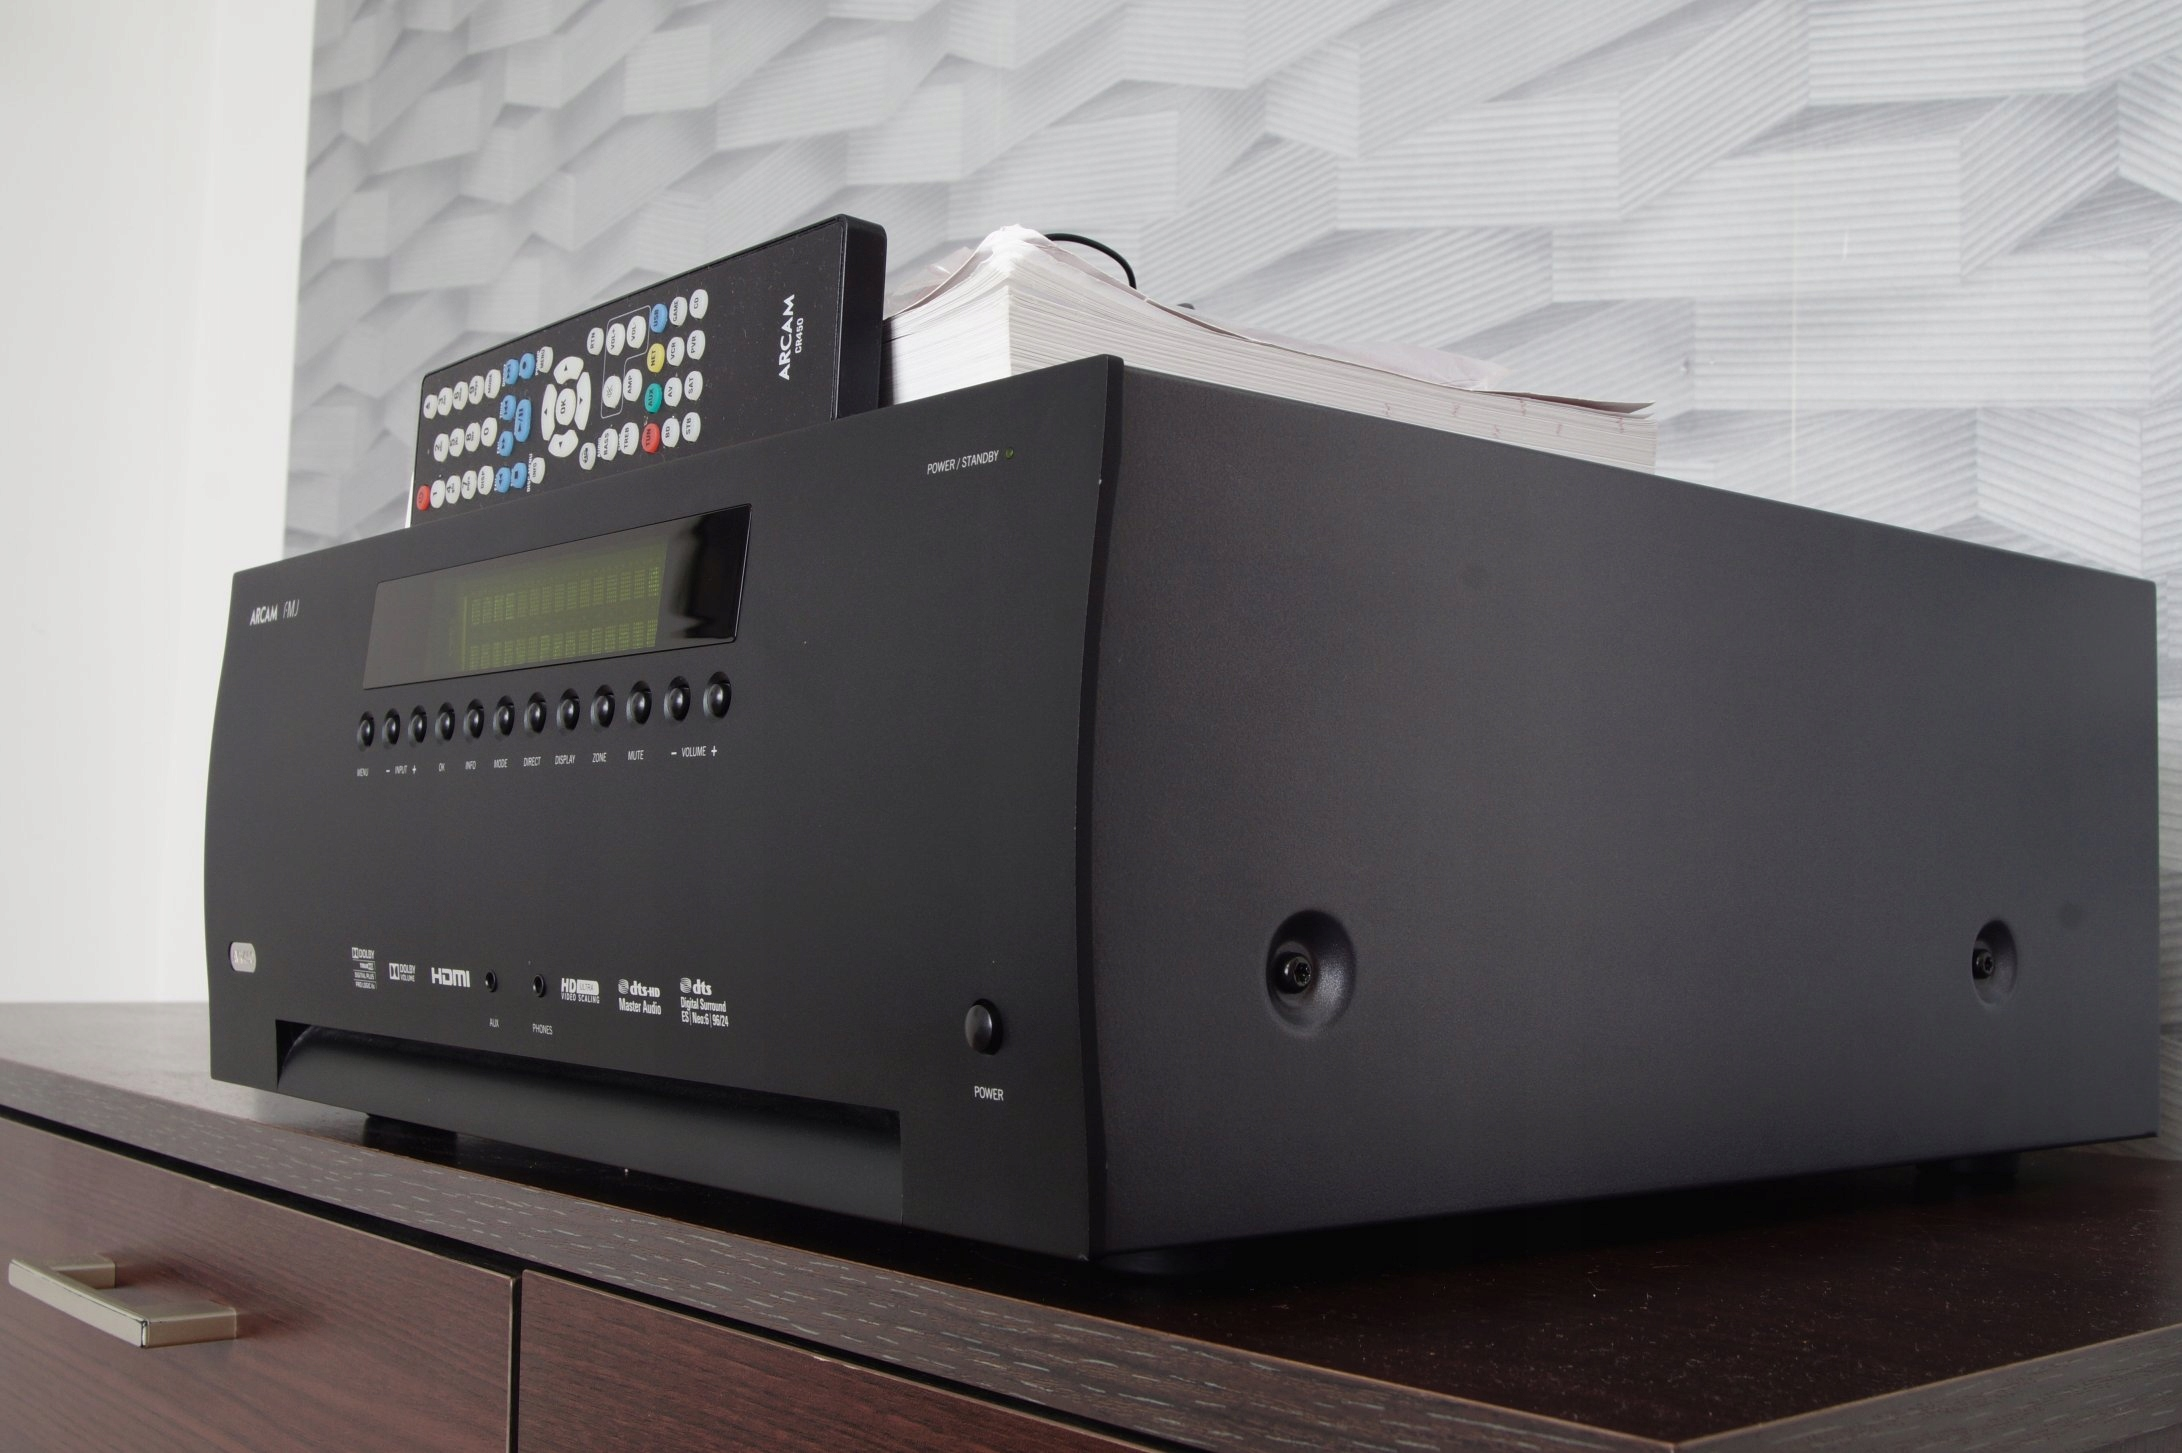 Zadbany Amplituner 7 1 Arcam AVR450 Rezerwacja - 7636286720